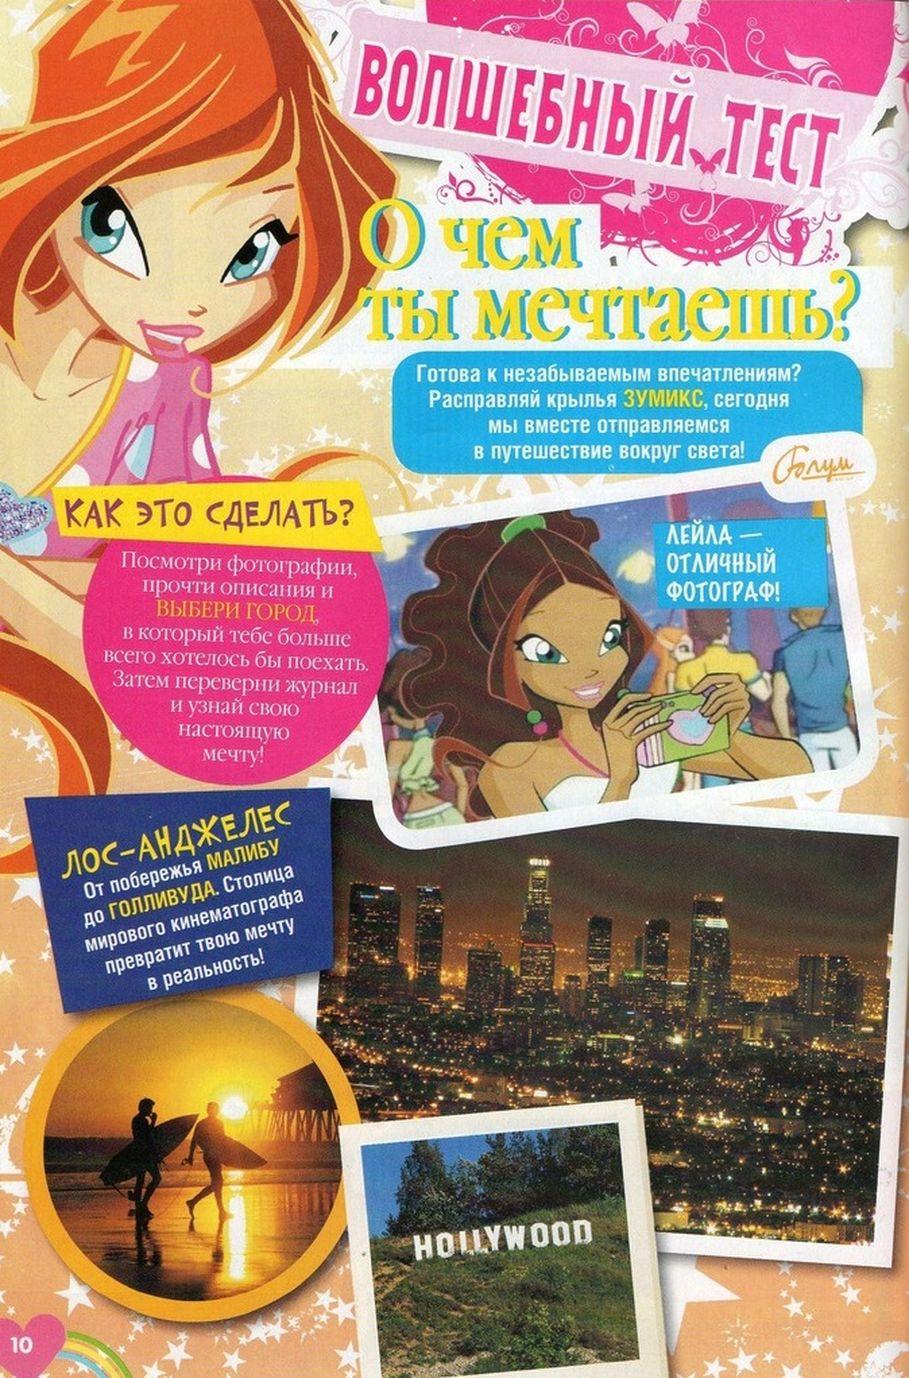 Комикс Винкс Winx - Каменные великаны (Журнал Винкс №11 2011) - стр. 7